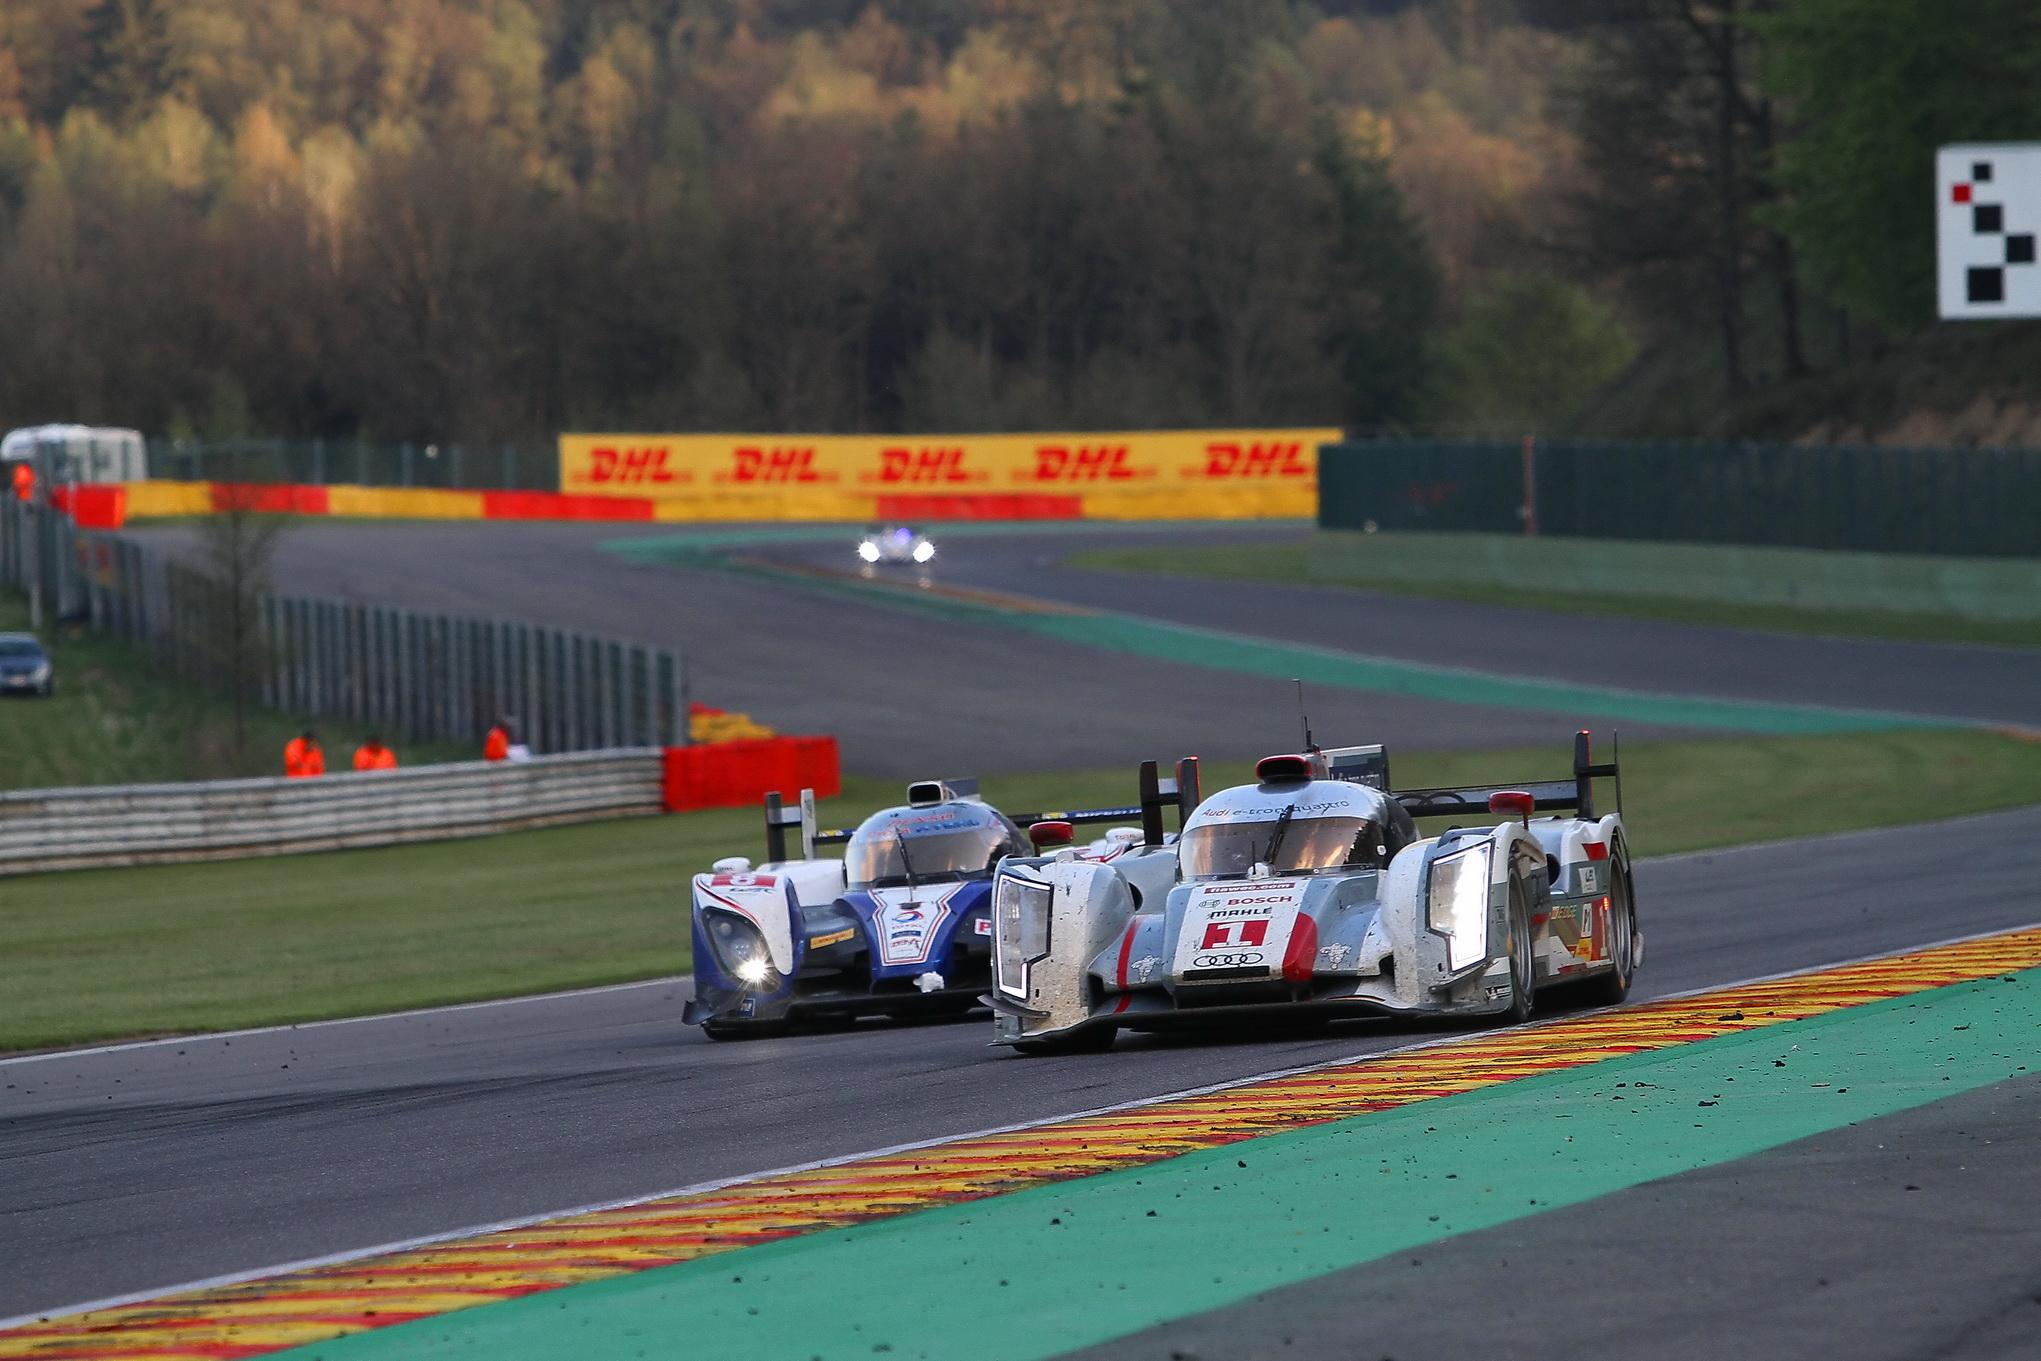 WE-2013-SPA-Le-duel-Audi-Toyota-se-poursuivra-au-Mans-©-Manfred-GIET-pour-autonewsinfo.